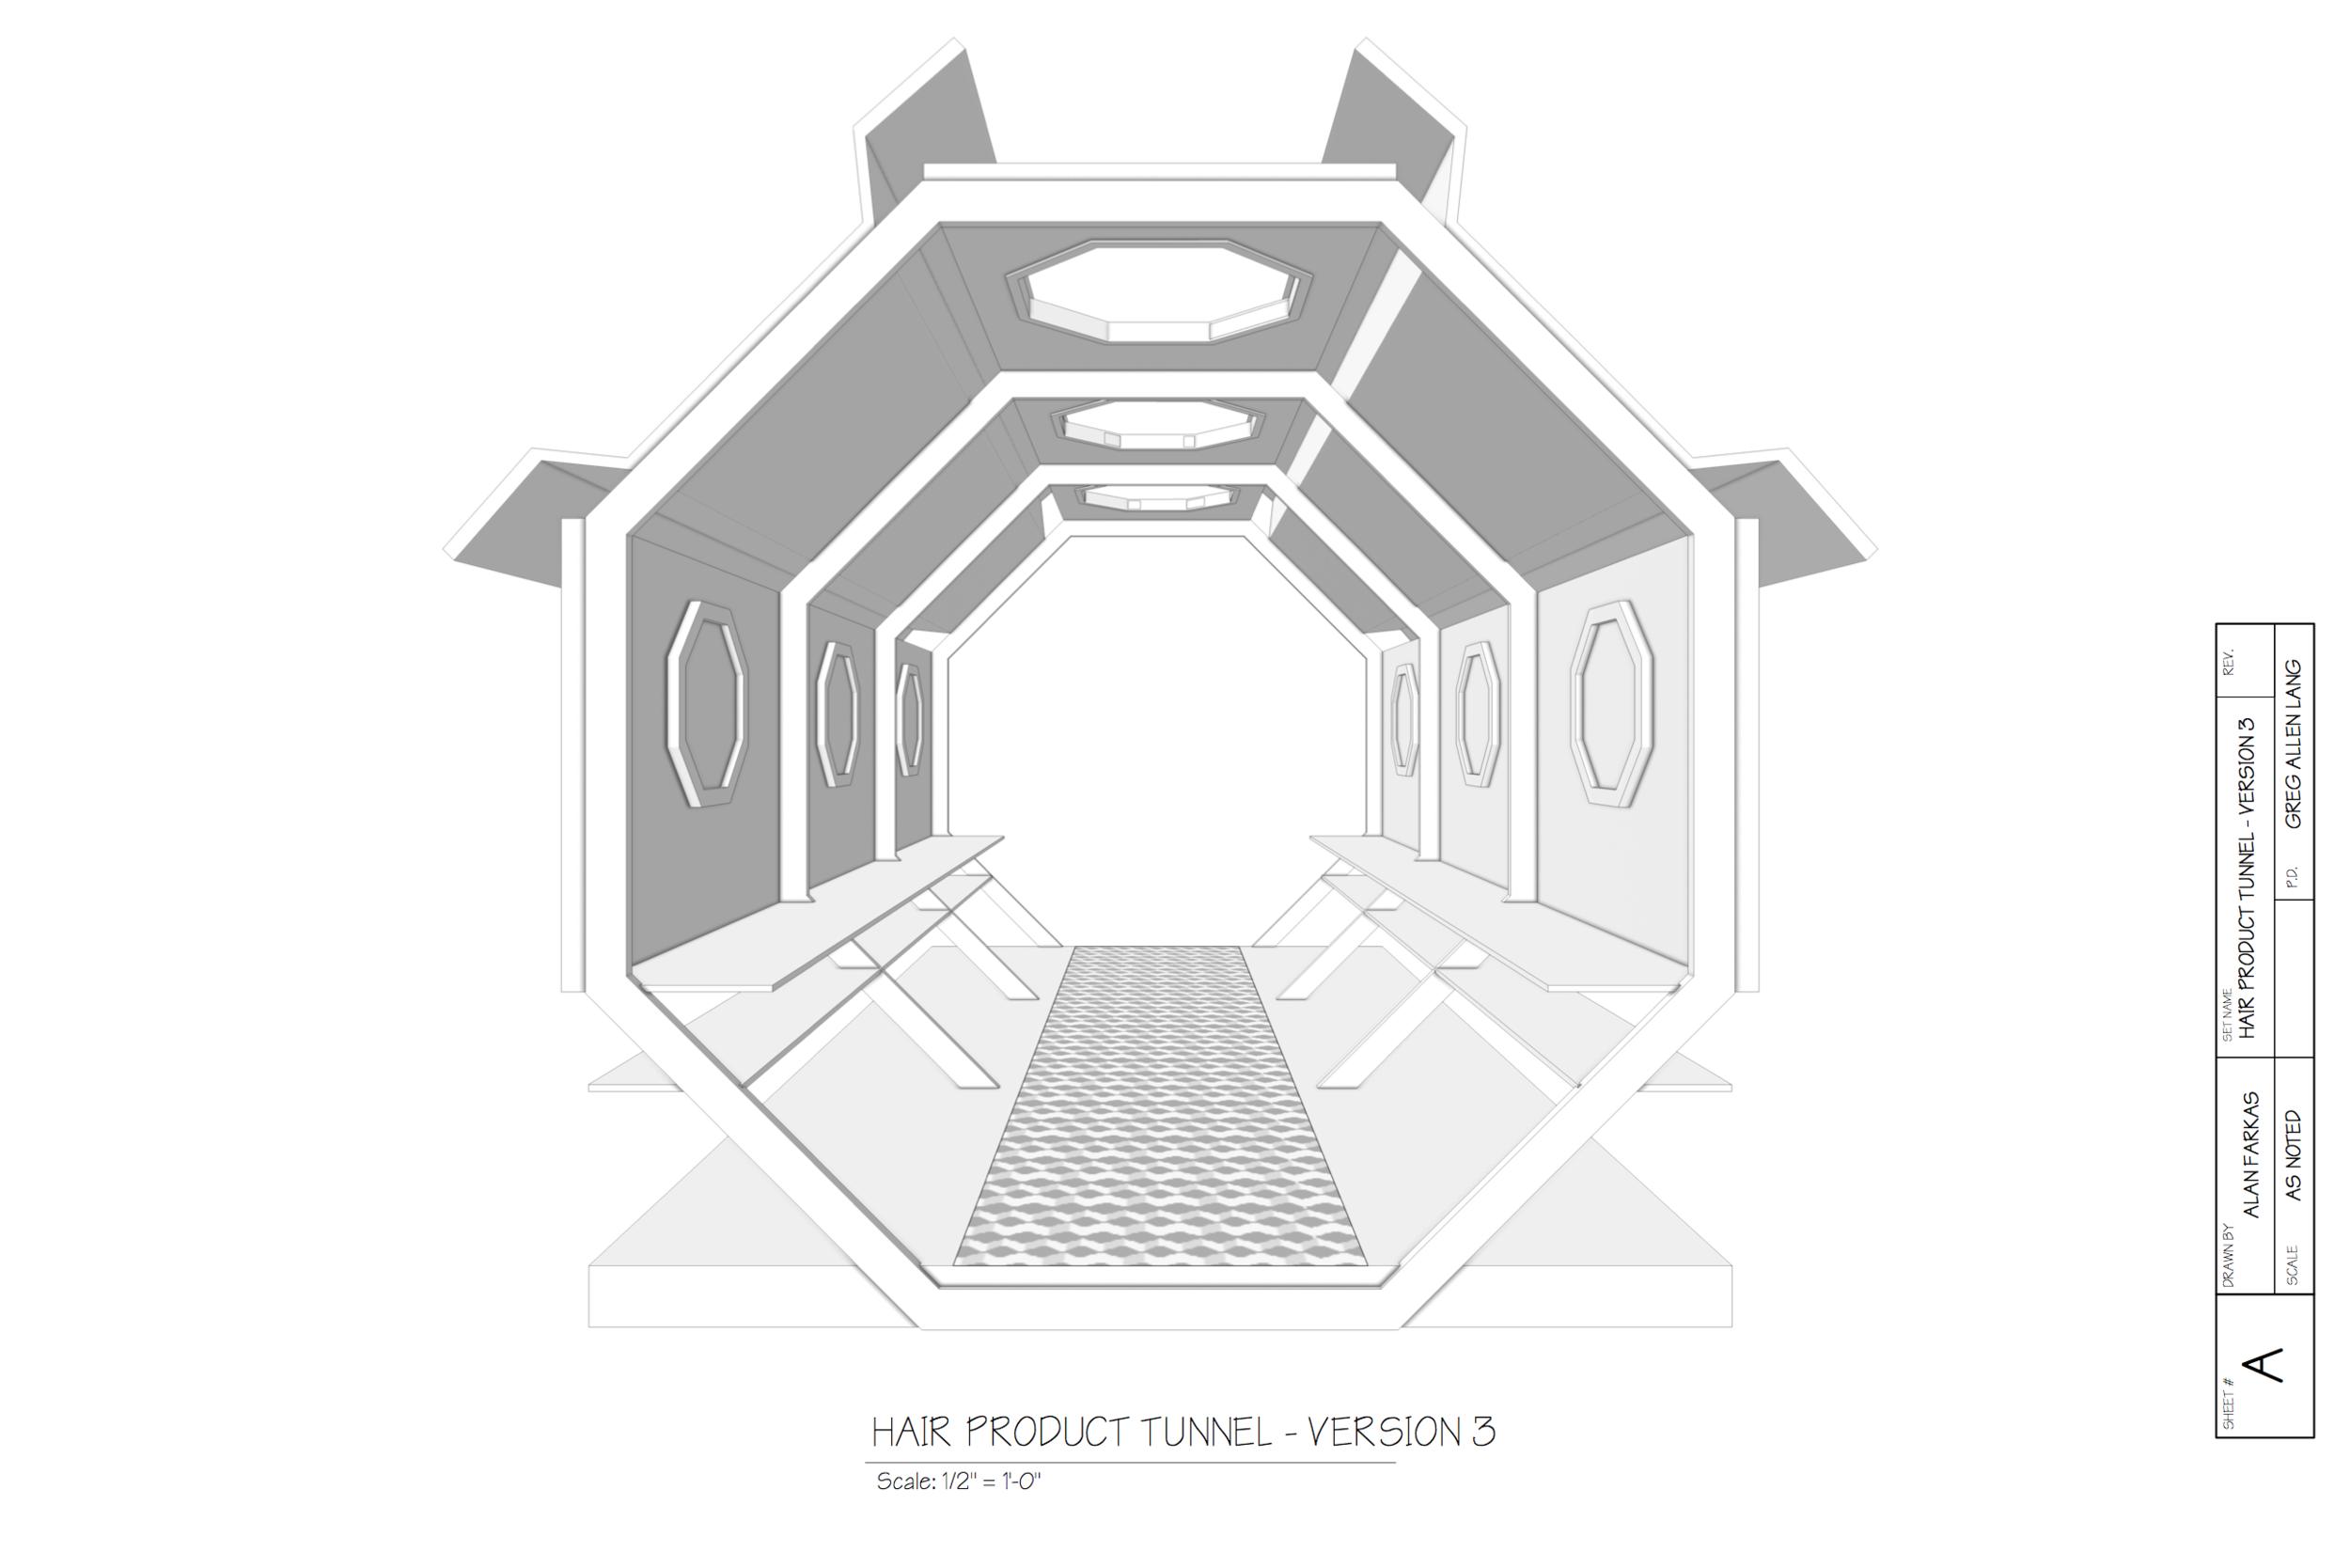 ULTA_A-Tunnel Version 3_POV.png